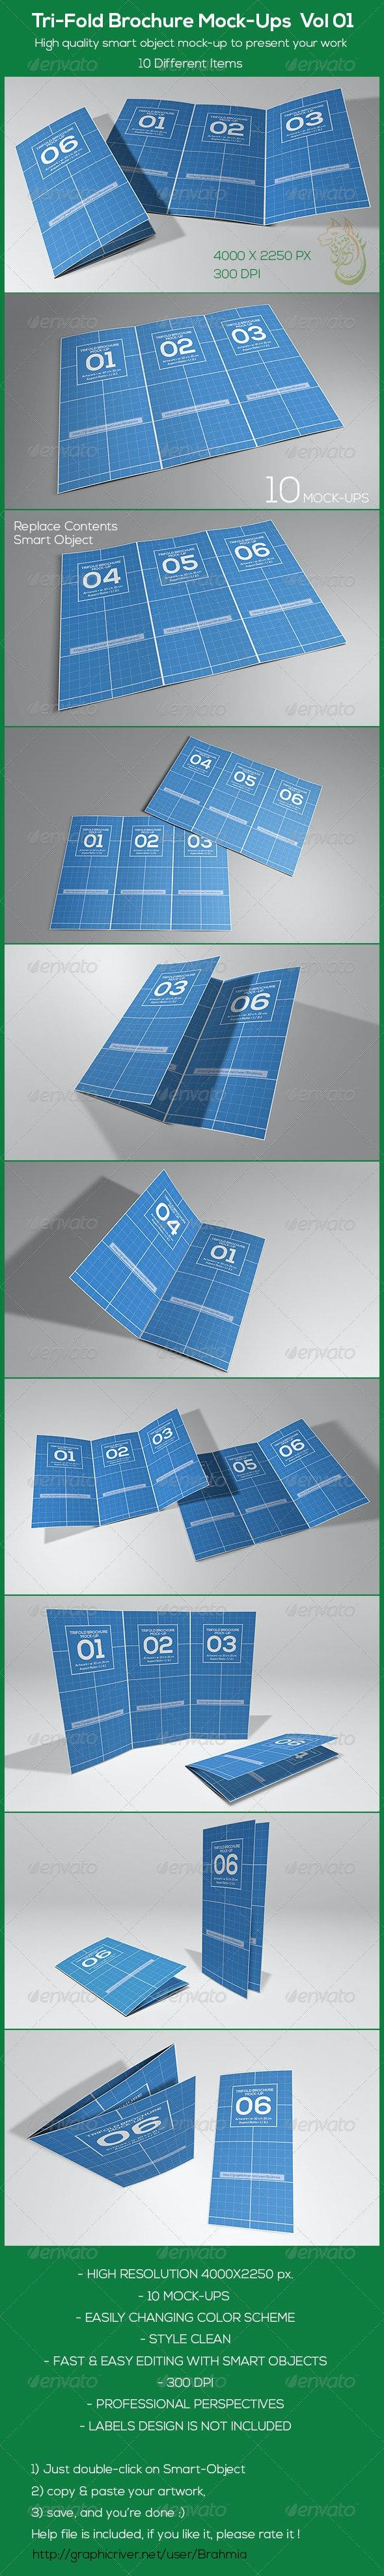 Tri-Fold Brochure Mock-Ups Vol 01 - Brochures Print